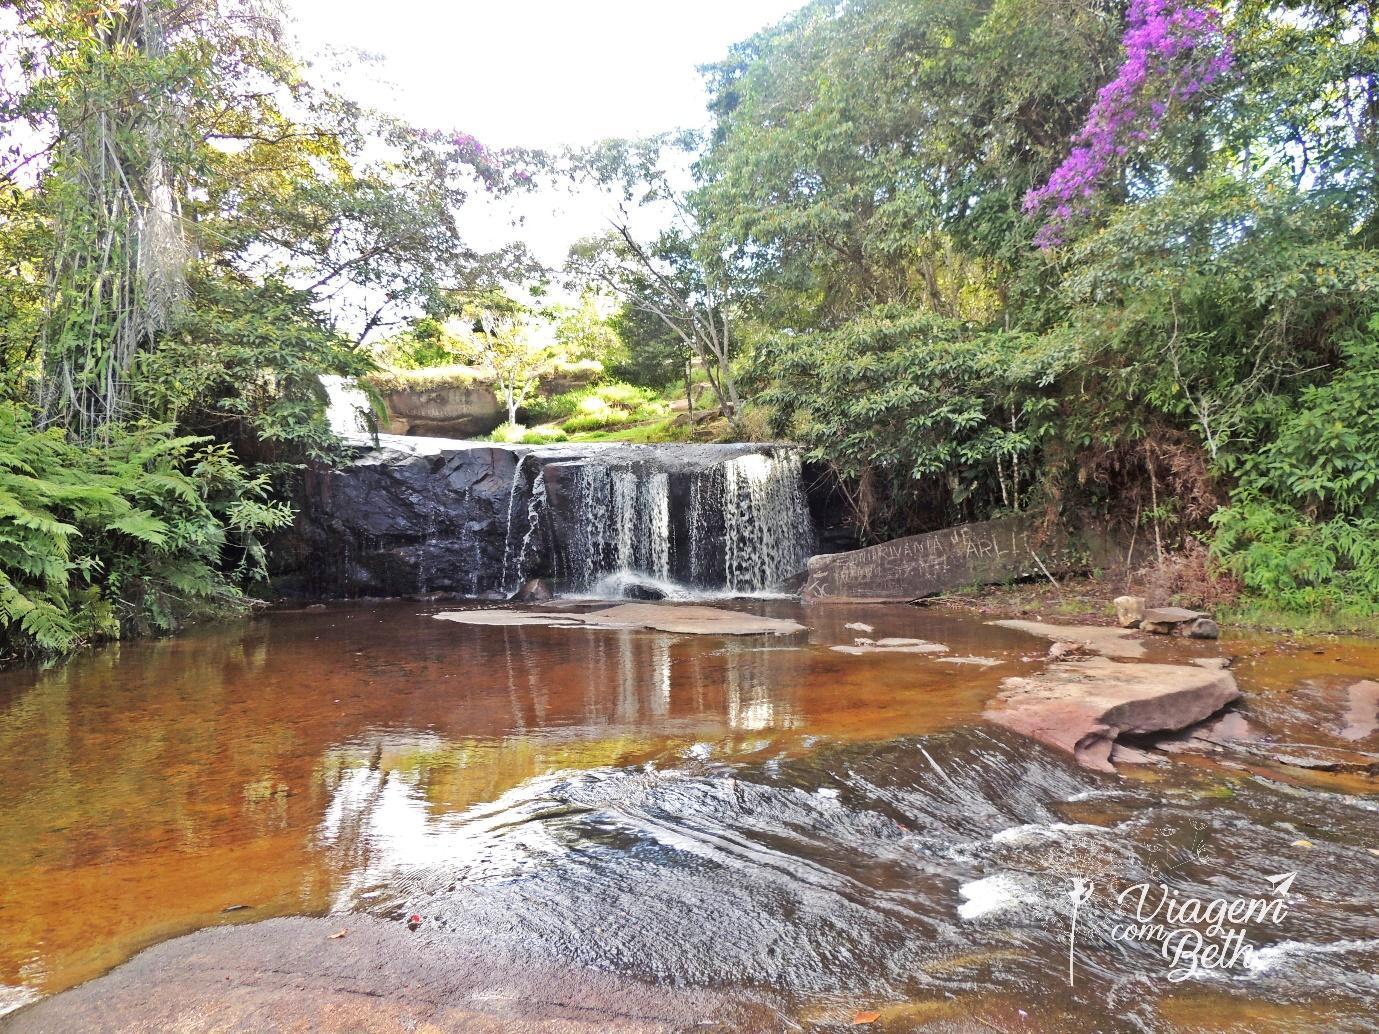 Cachoeira do Humaitá